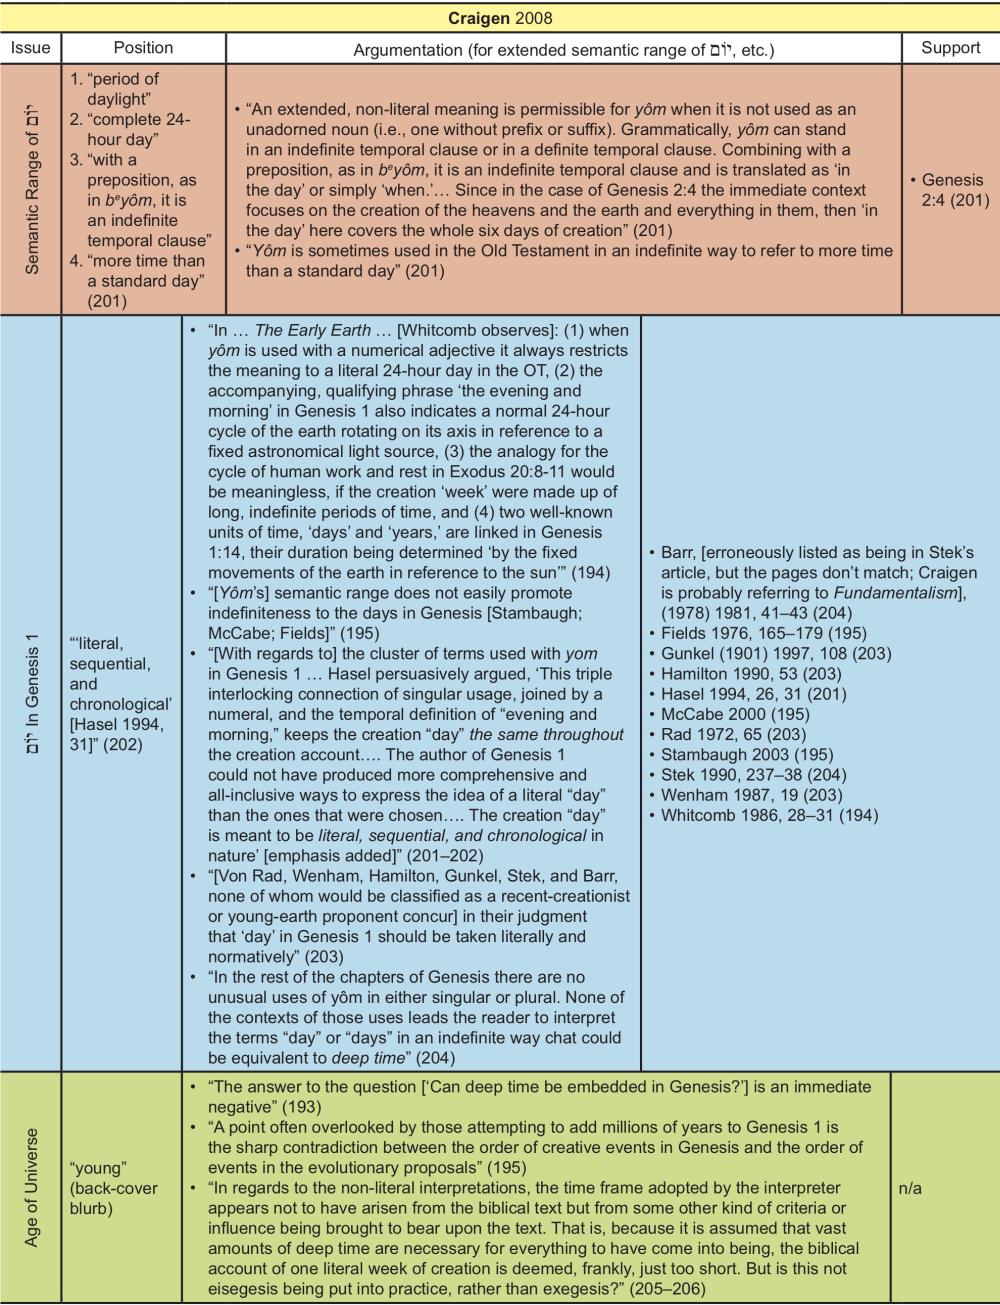 Appendix Table 6